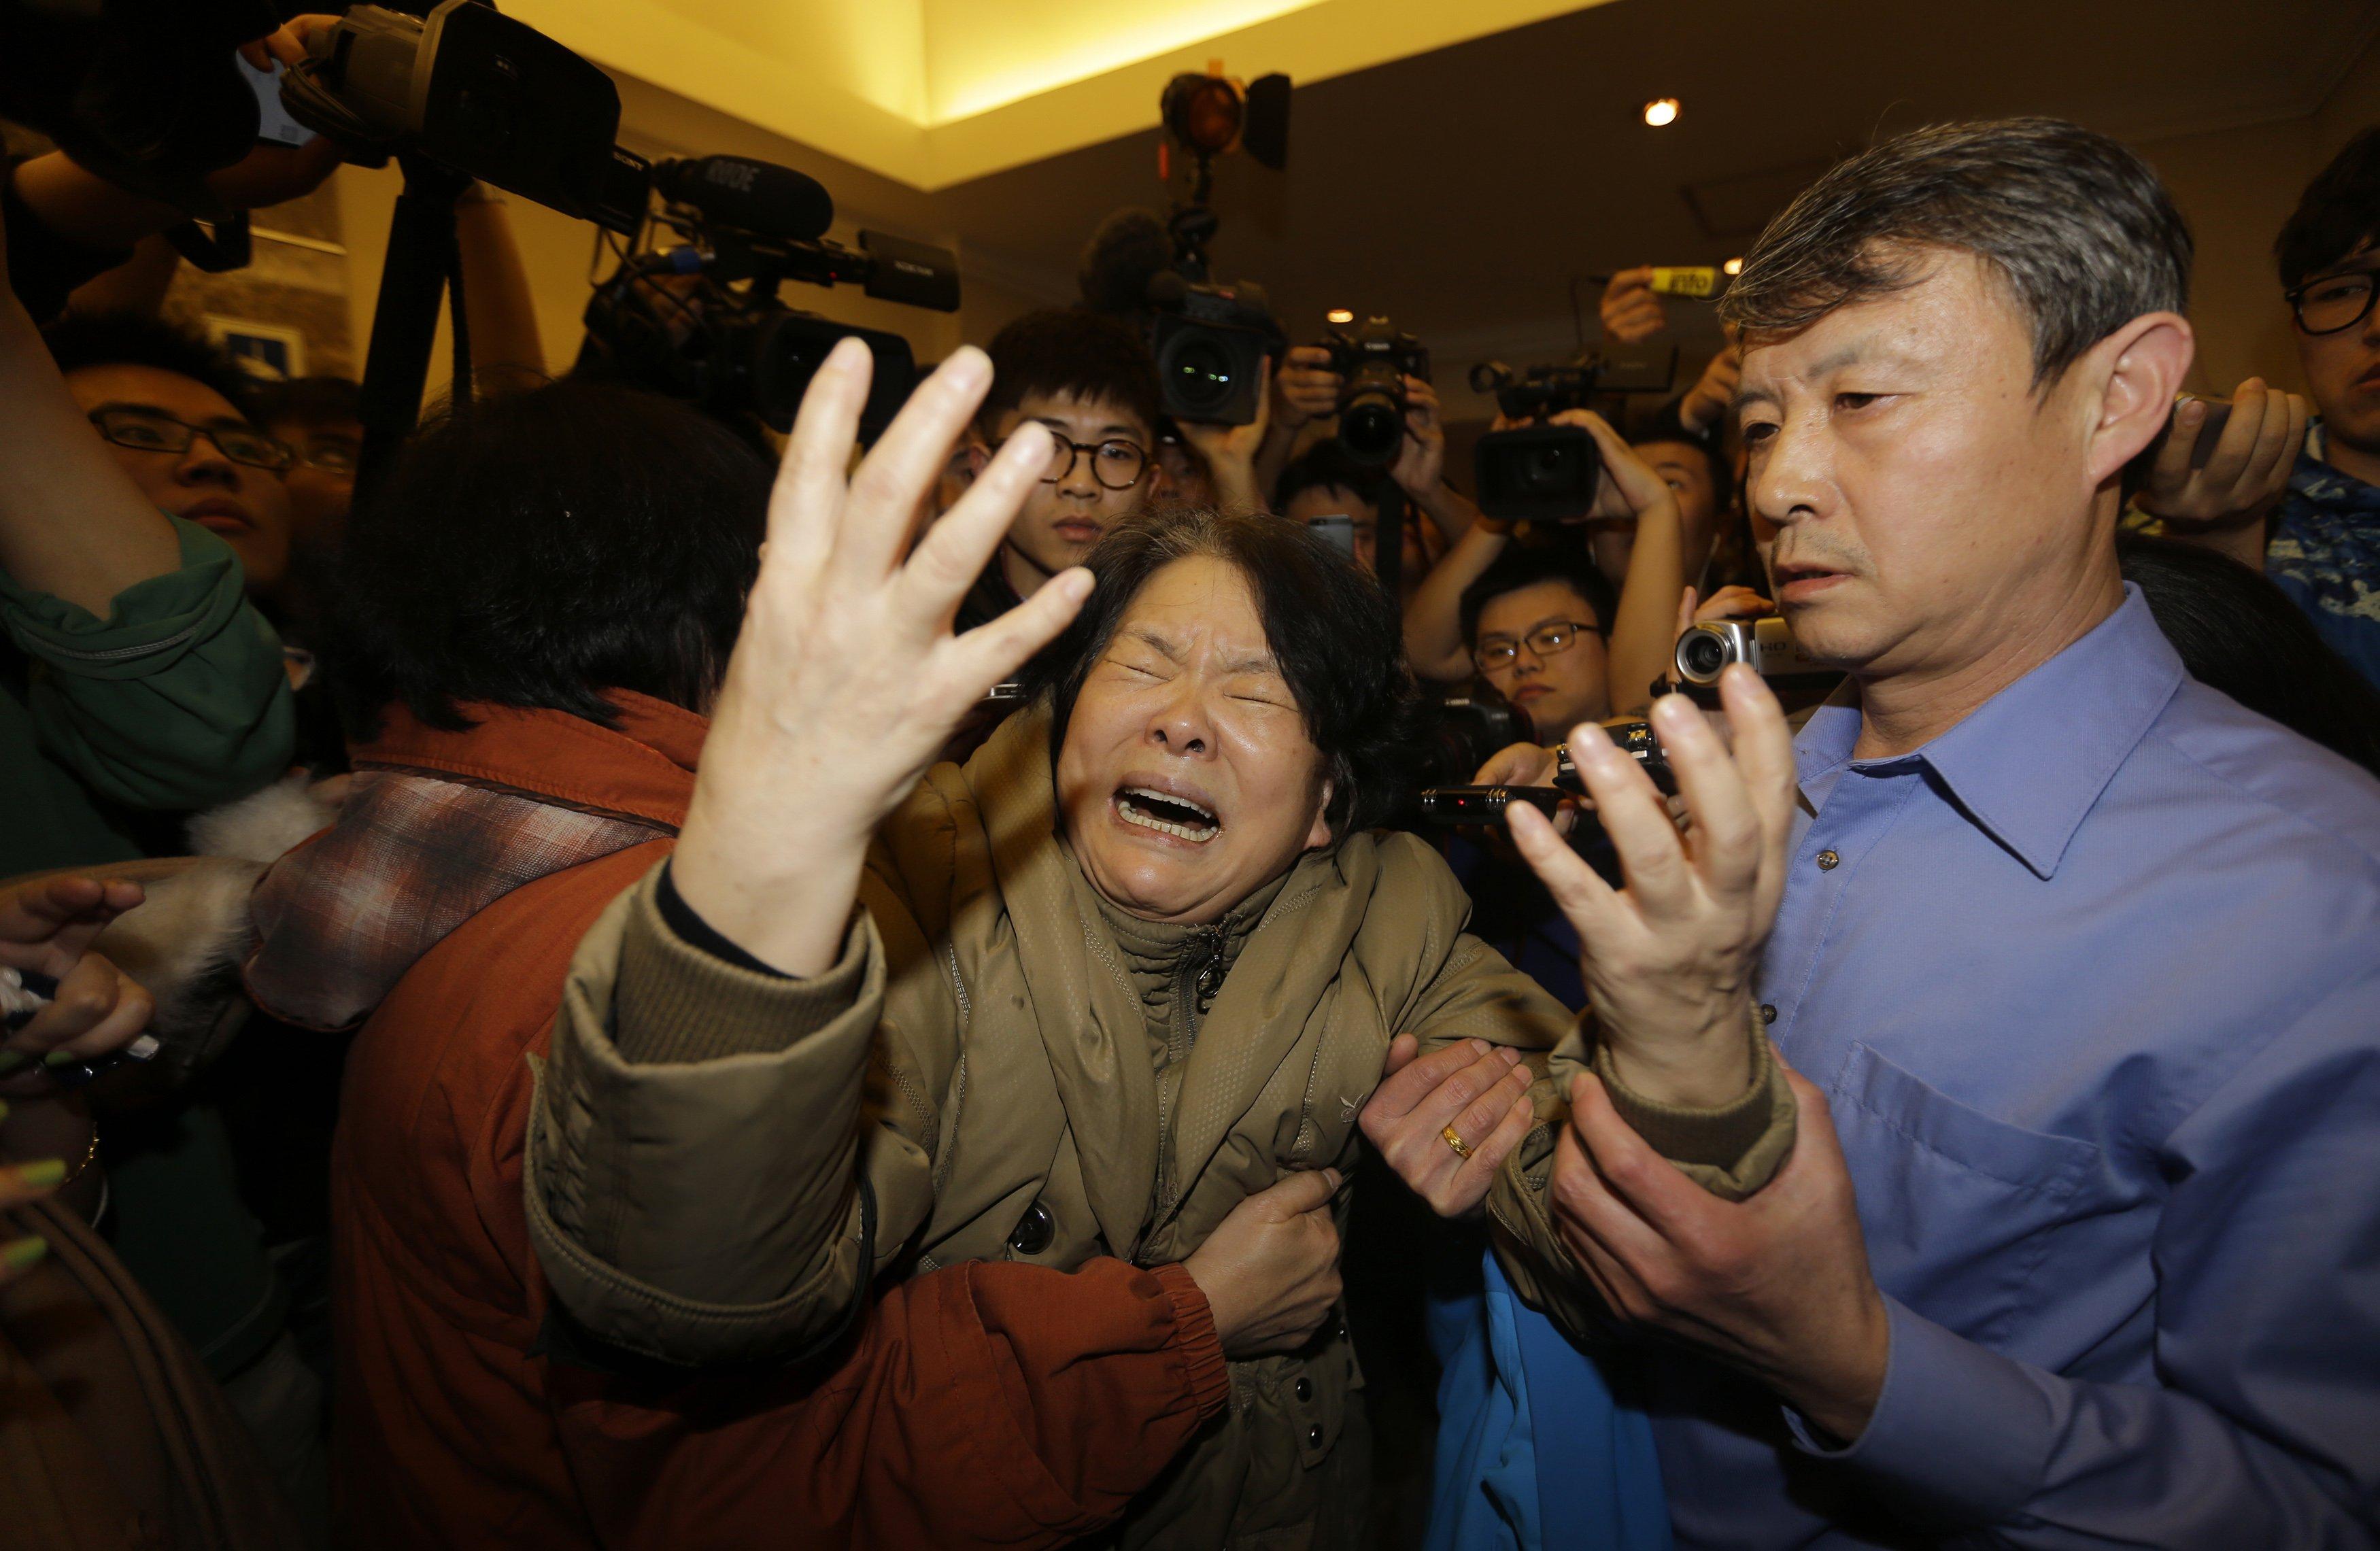 Parente de passageiro se desespera ao receber a notícia de que o avião Malaysia Airlines caiu no Oceano Índico | Jason Lee/ Reuters